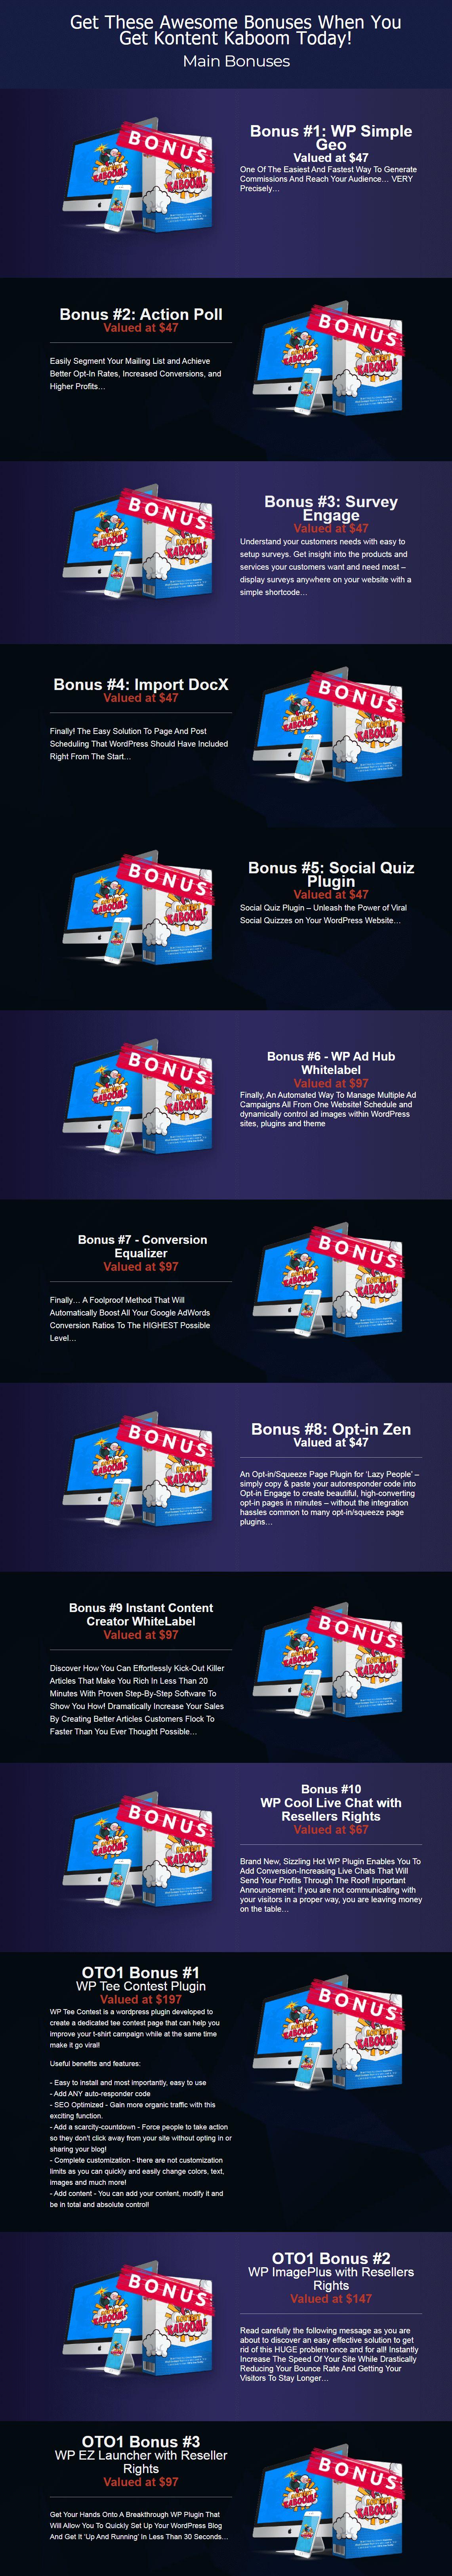 Kontent-Kaboom-Review-Bonuses